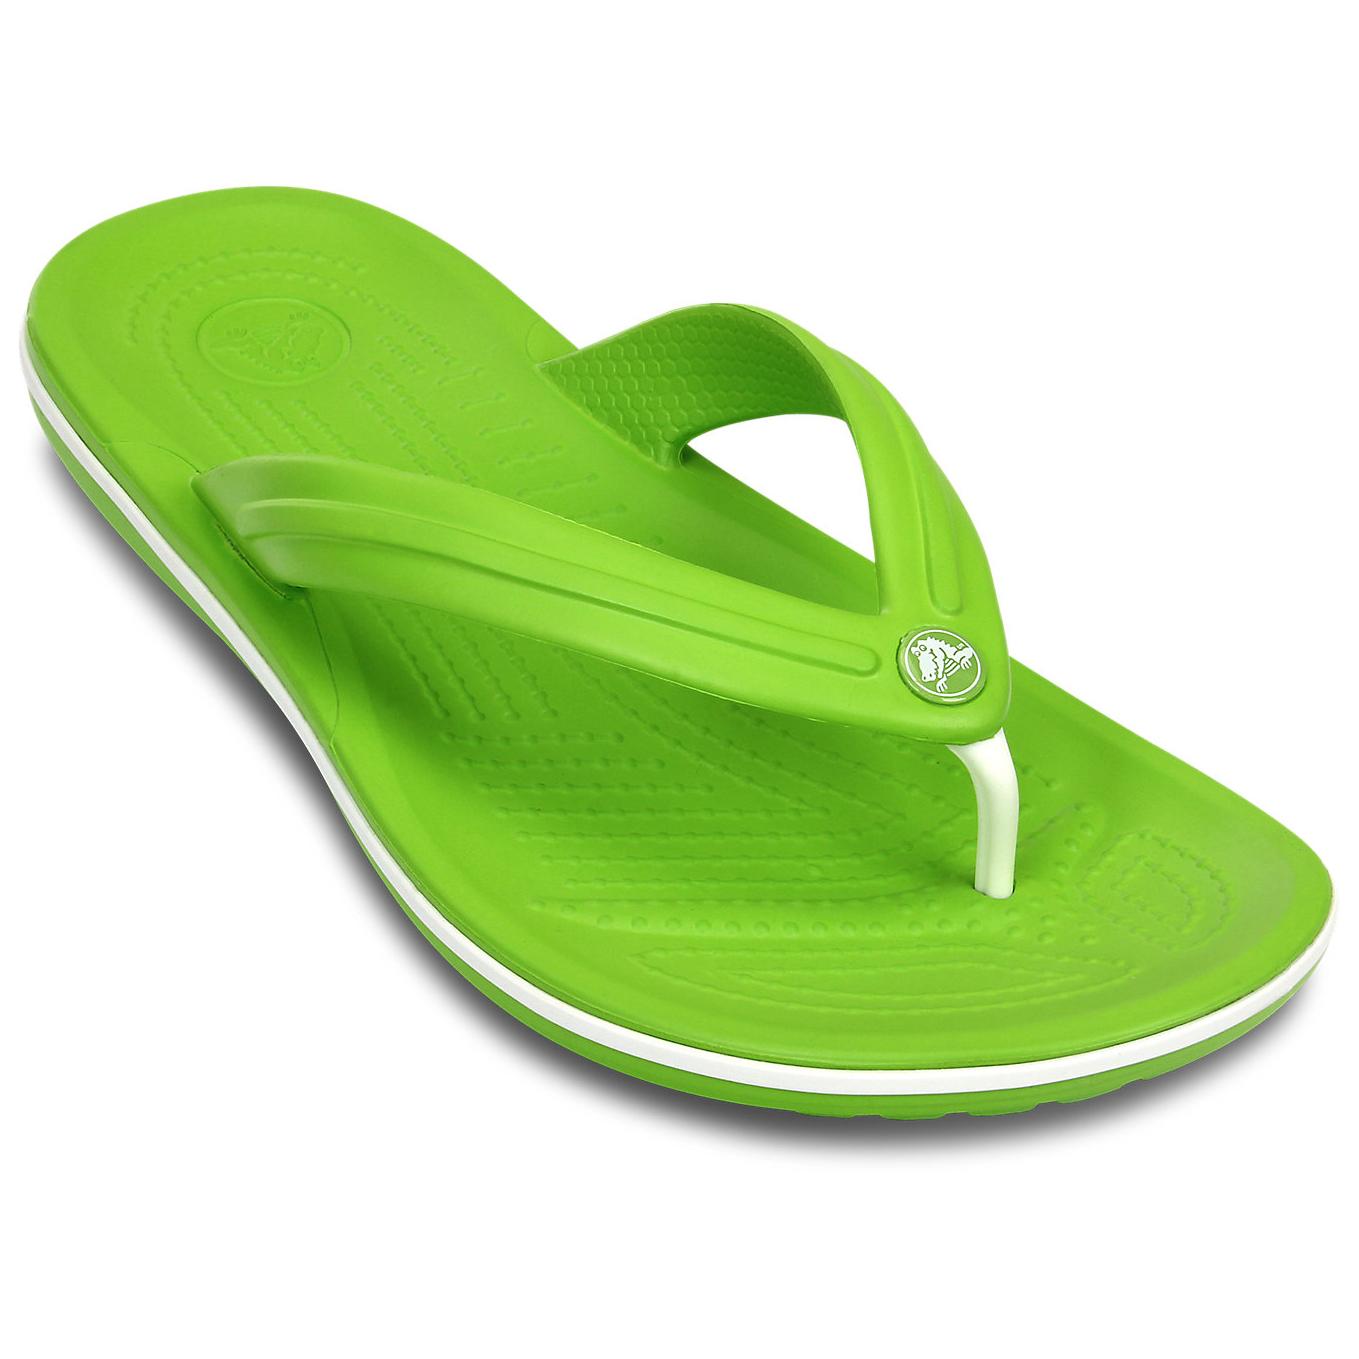 ff14639767c1f1 Crocs - Crocband Flip ...